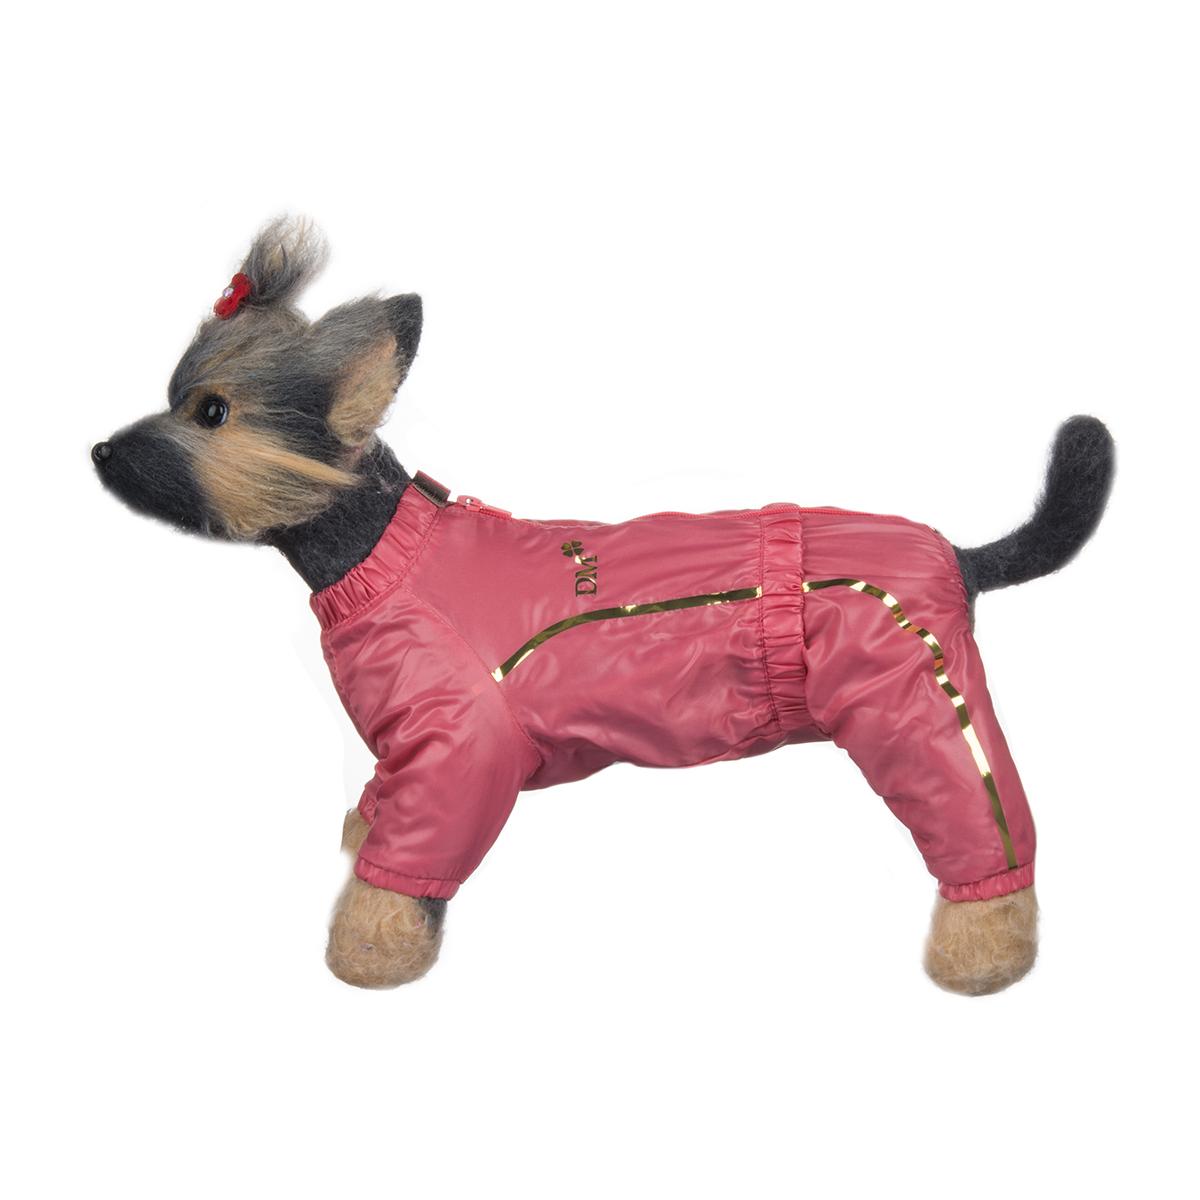 Комбинезон для собак Dogmoda Альпы, для девочки, цвет: коралловый. Размер 3 (L)DM-150326-3Комбинезон для собак Dogmoda Альпы отлично подойдет для прогулок поздней осенью или ранней весной.Комбинезон изготовлен из полиэстера, защищающего от ветра и осадков, с подкладкой из флиса, которая сохранит тепло и обеспечит отличный воздухообмен. Комбинезон застегивается на молнию и липучку, благодаря чему его легко надевать и снимать. Ворот, низ рукавов и брючин оснащены внутренними резинками, которые мягко обхватывают шею и лапки, не позволяя просачиваться холодному воздуху. На пояснице имеется внутренняя резинка. Изделие декорировано золотистыми полосками и надписью DM.Благодаря такому комбинезону простуда не грозит вашему питомцу и он не даст любимцу продрогнуть на прогулке.